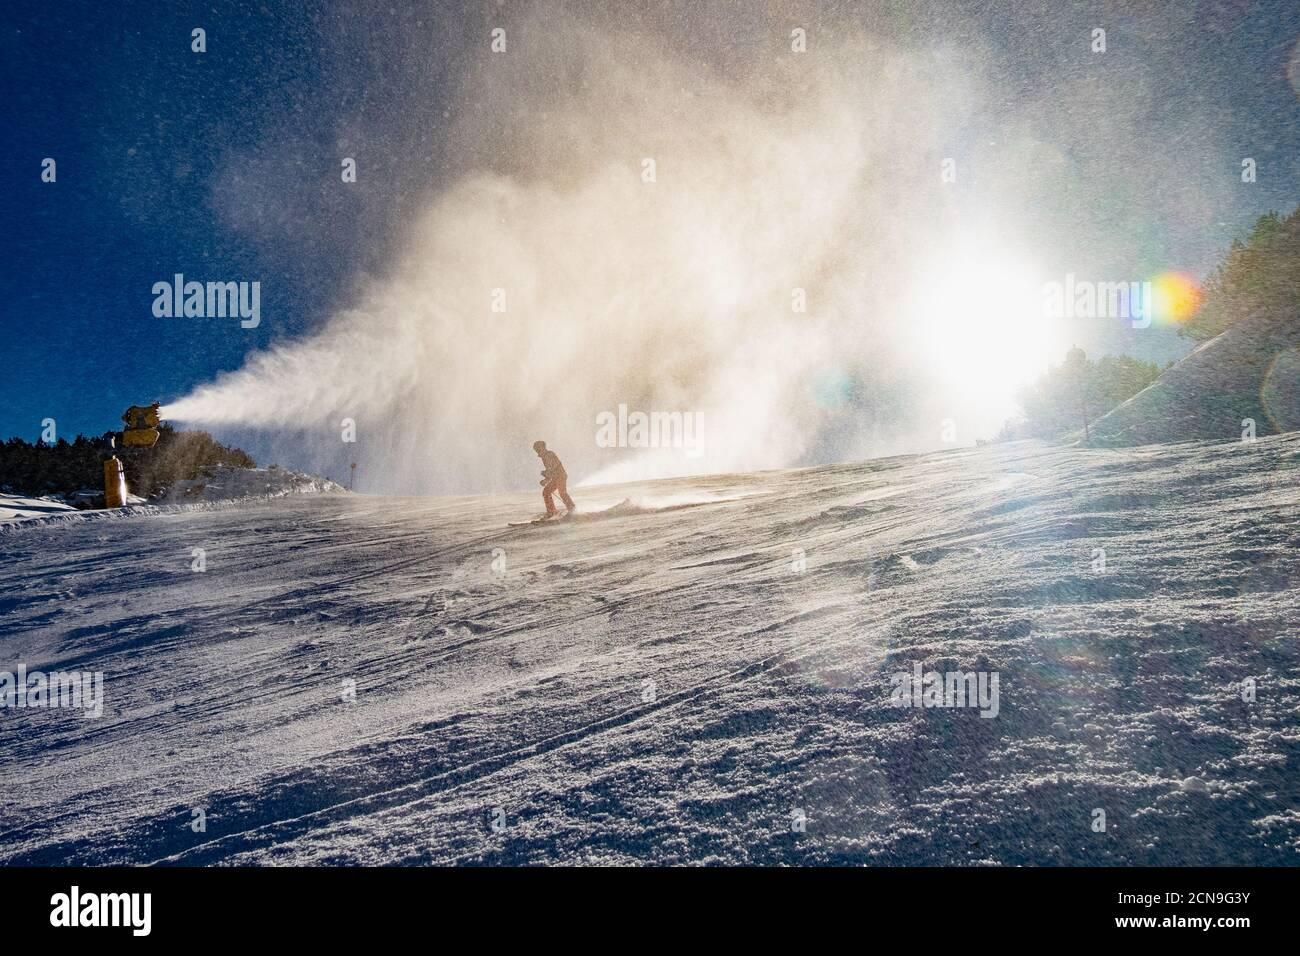 Gente esquiando abajo de canon de nieve en funcionamiento Foto de stock